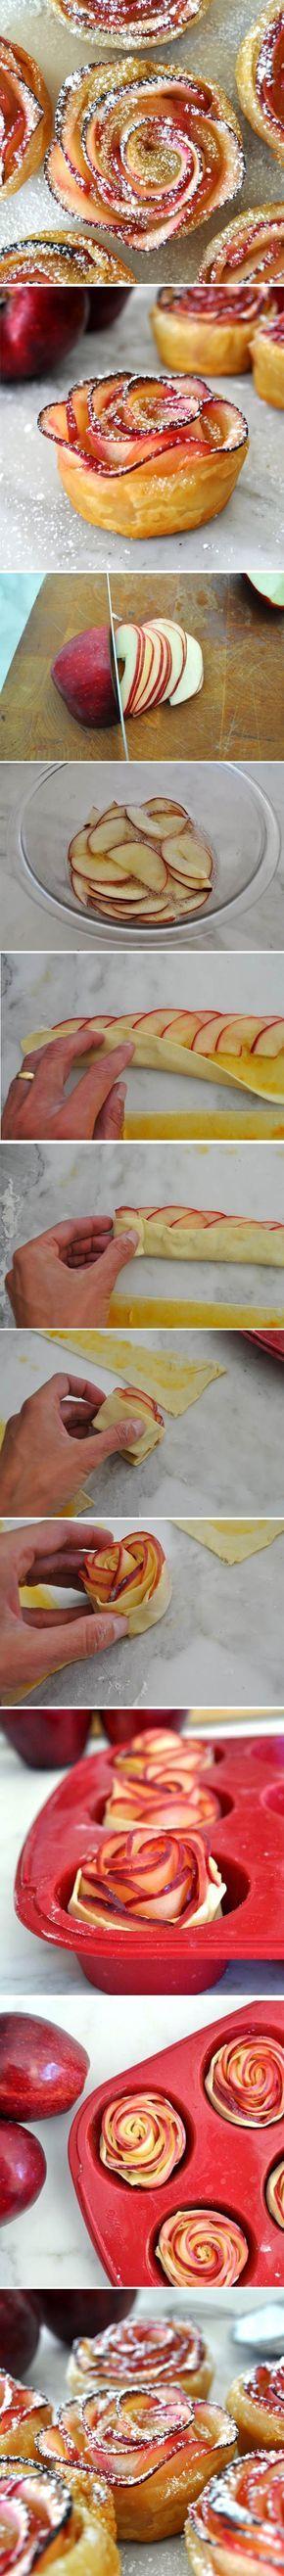 Apple Roses By Manuela. Usar una masa de hojaldre, untar con mermelada de durazno. Para decorar azúcar impalpable. Rico, sano y adorable!